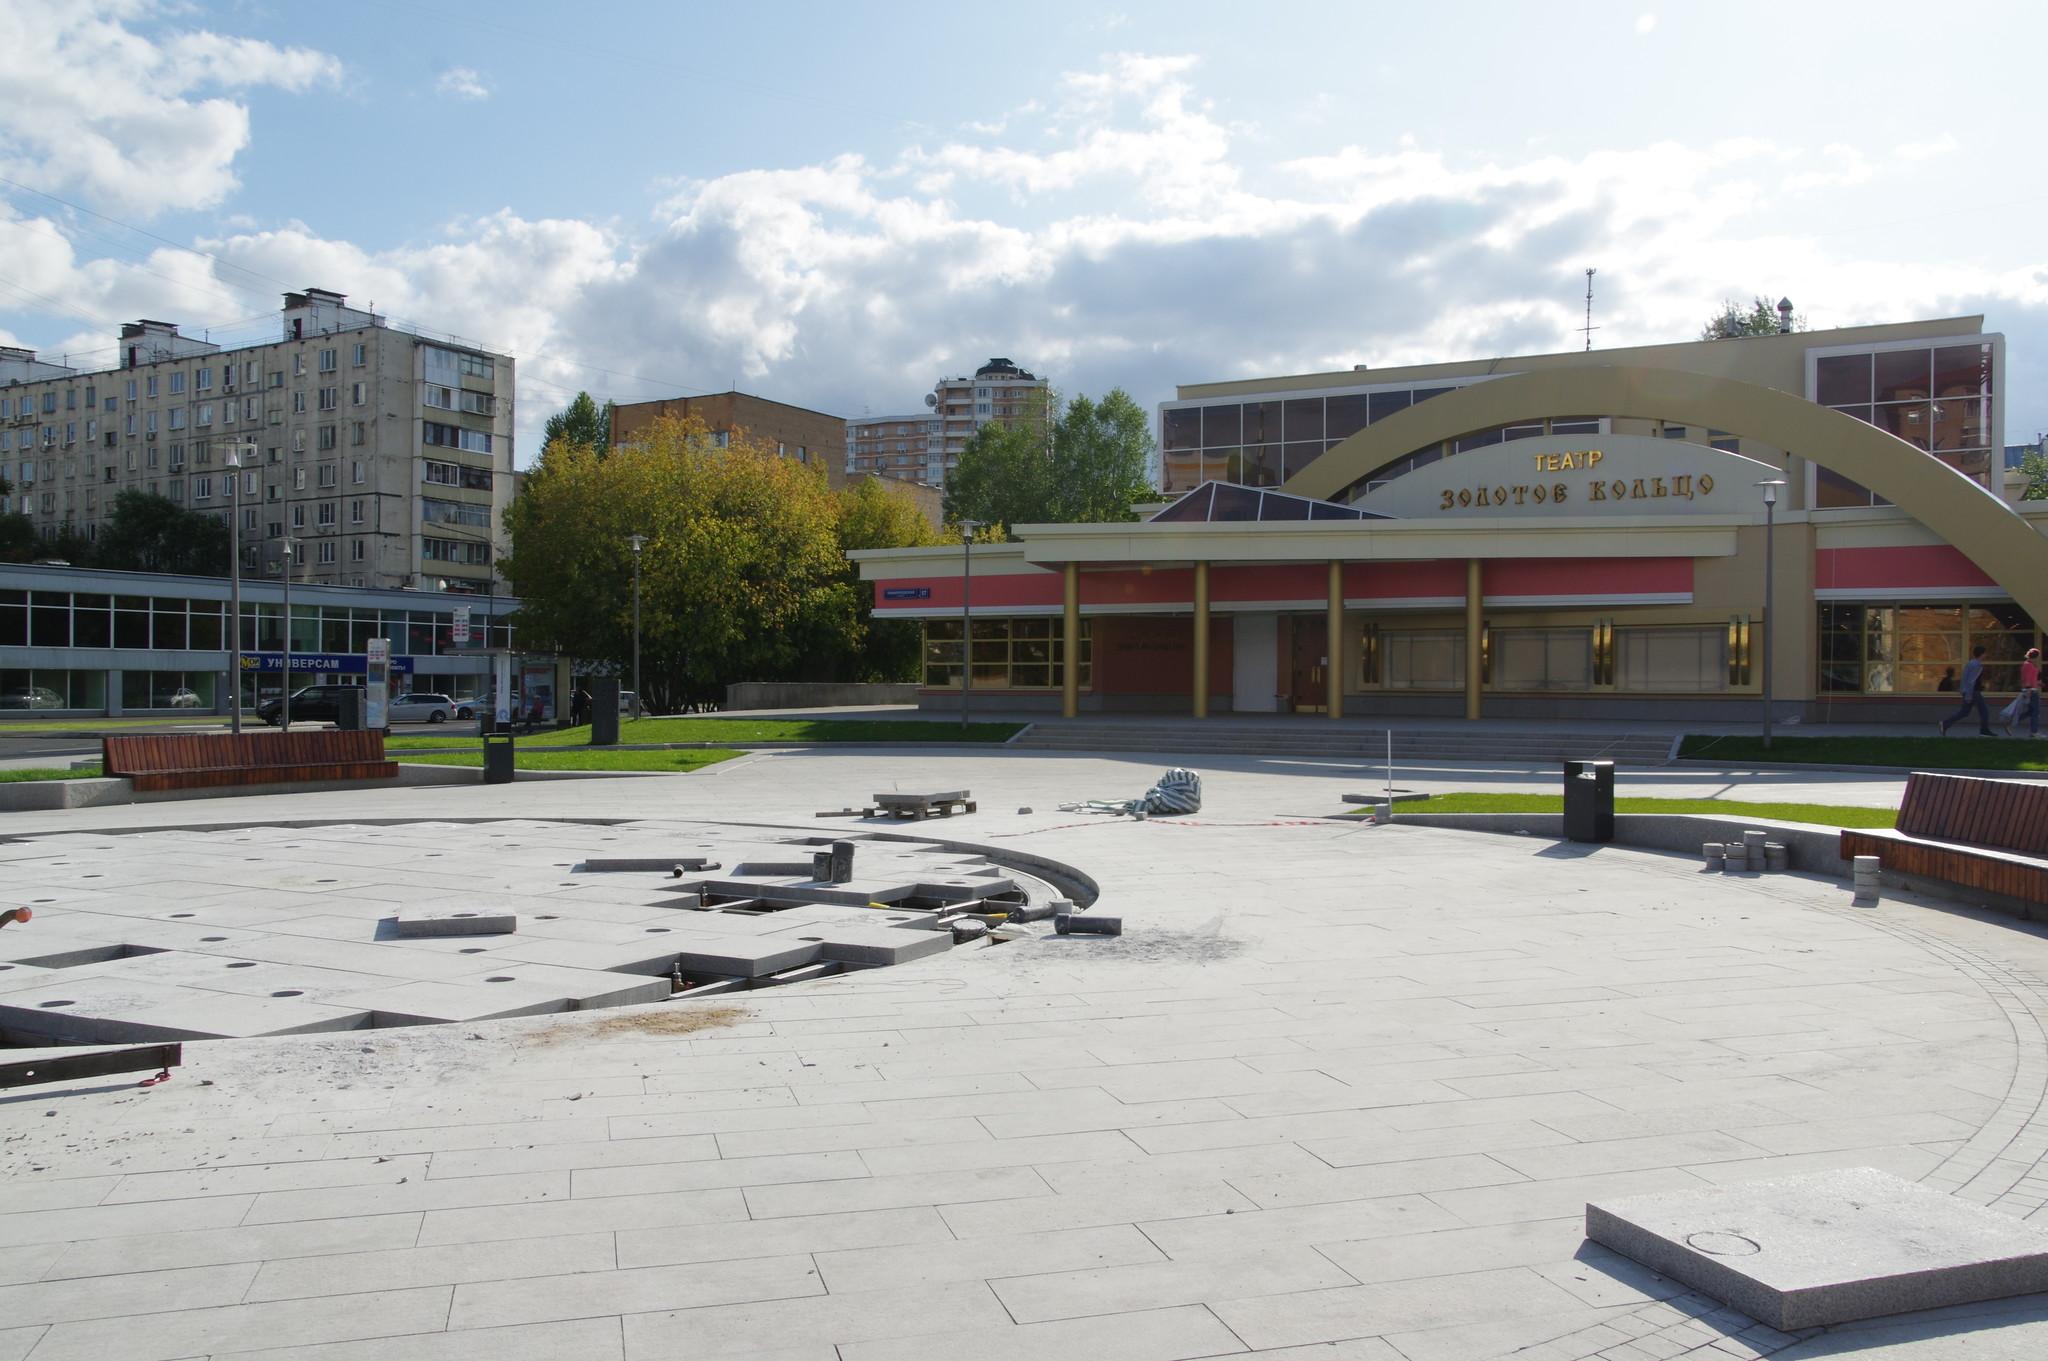 Завершается восстановление фонтана перед зданием Национального театра народной музыки и песни «Золотое кольцо»